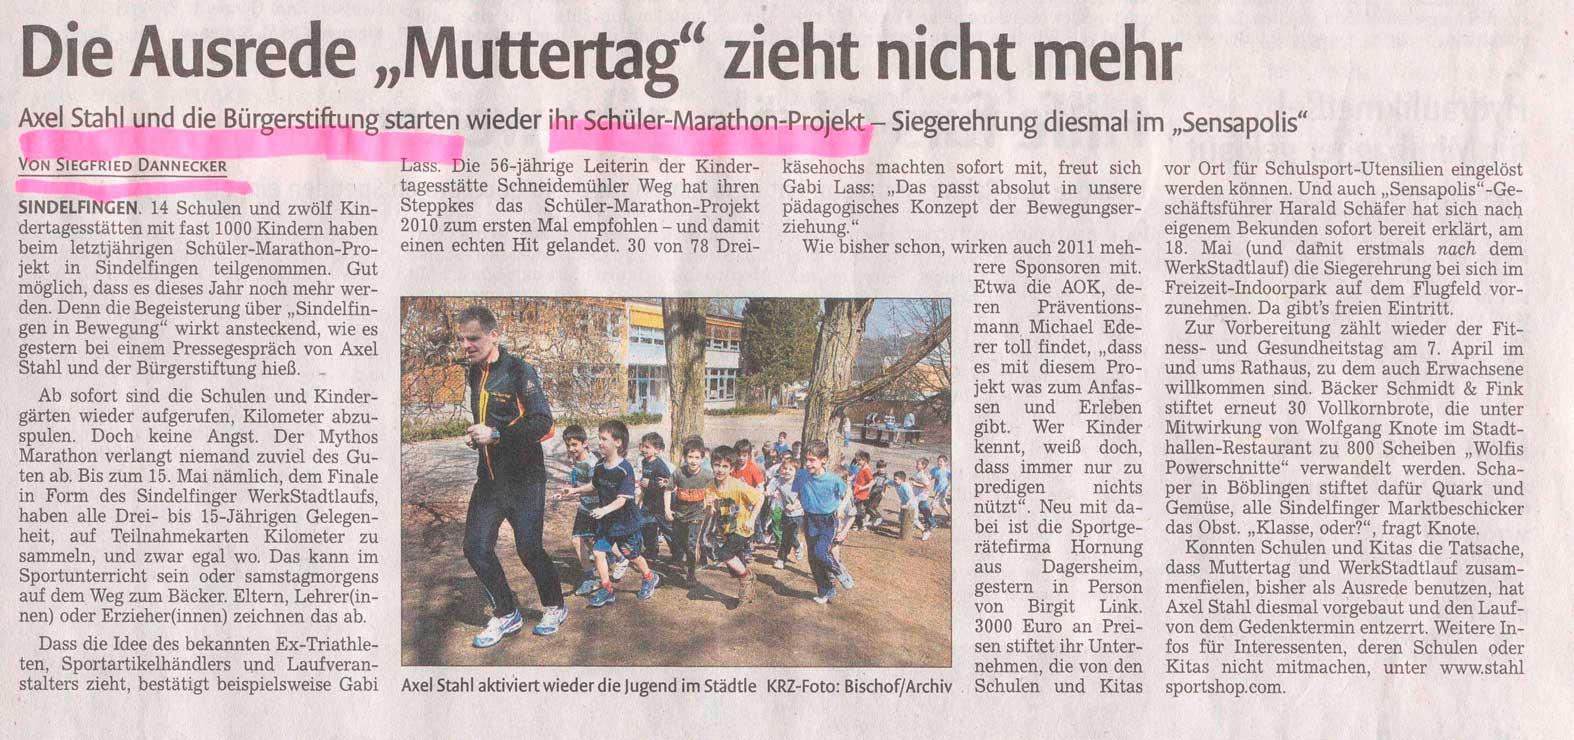 """Die Ausrede """"Muttertag"""" zieht nicht mehr « Bürgerstiftung  ~ Staubsauger Zieht Nicht Mehr"""